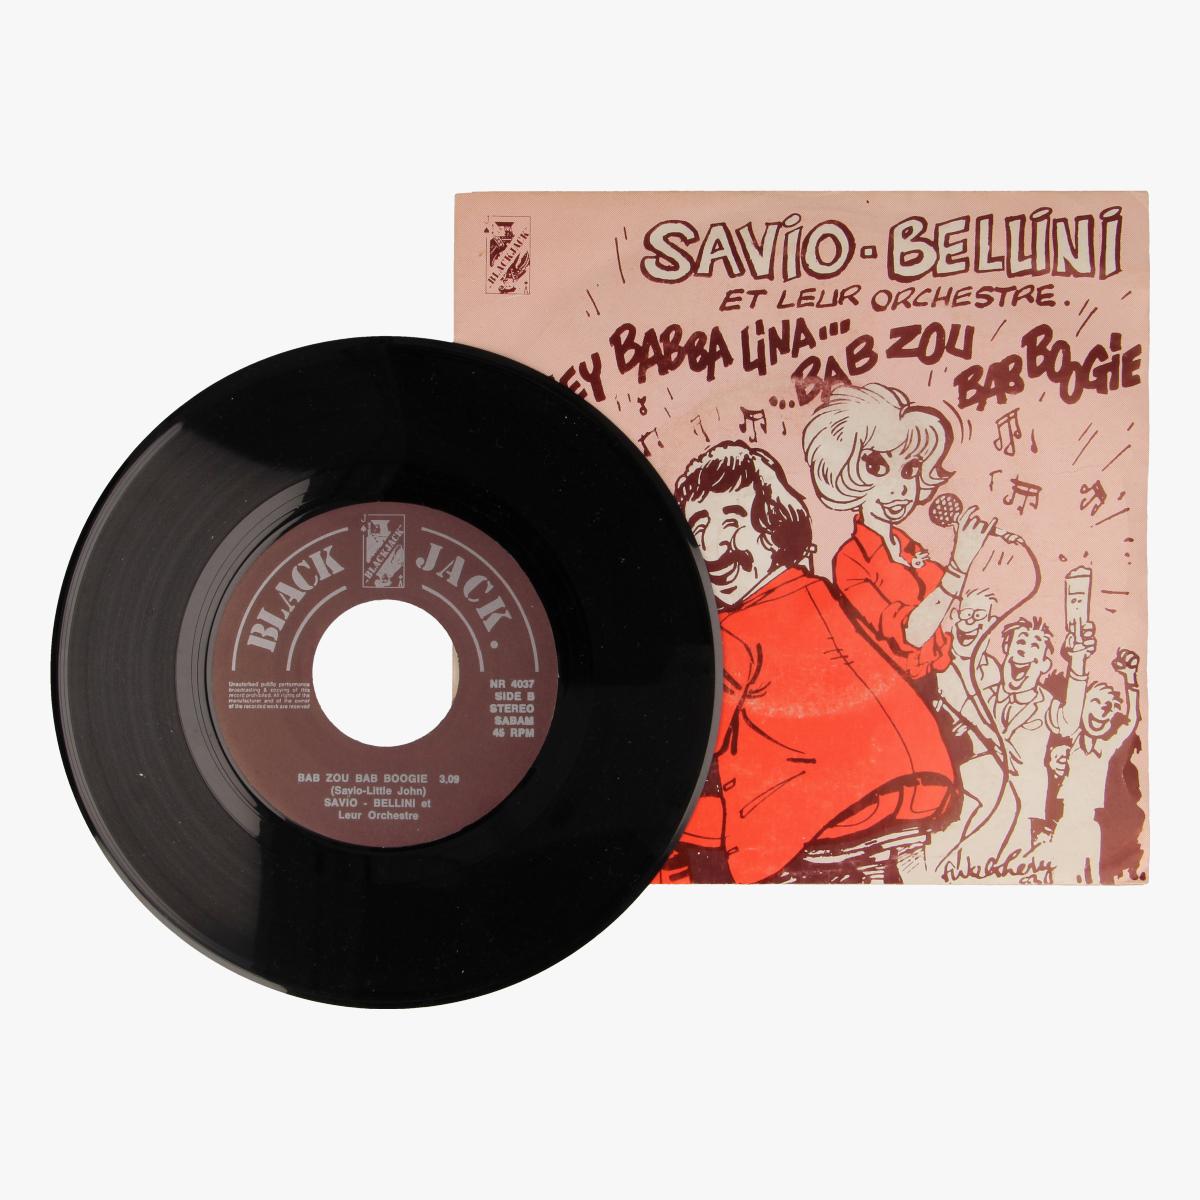 Afbeeldingen van Savio- bellini - hey baby lina, bab zou bab boogie LP 45toeren